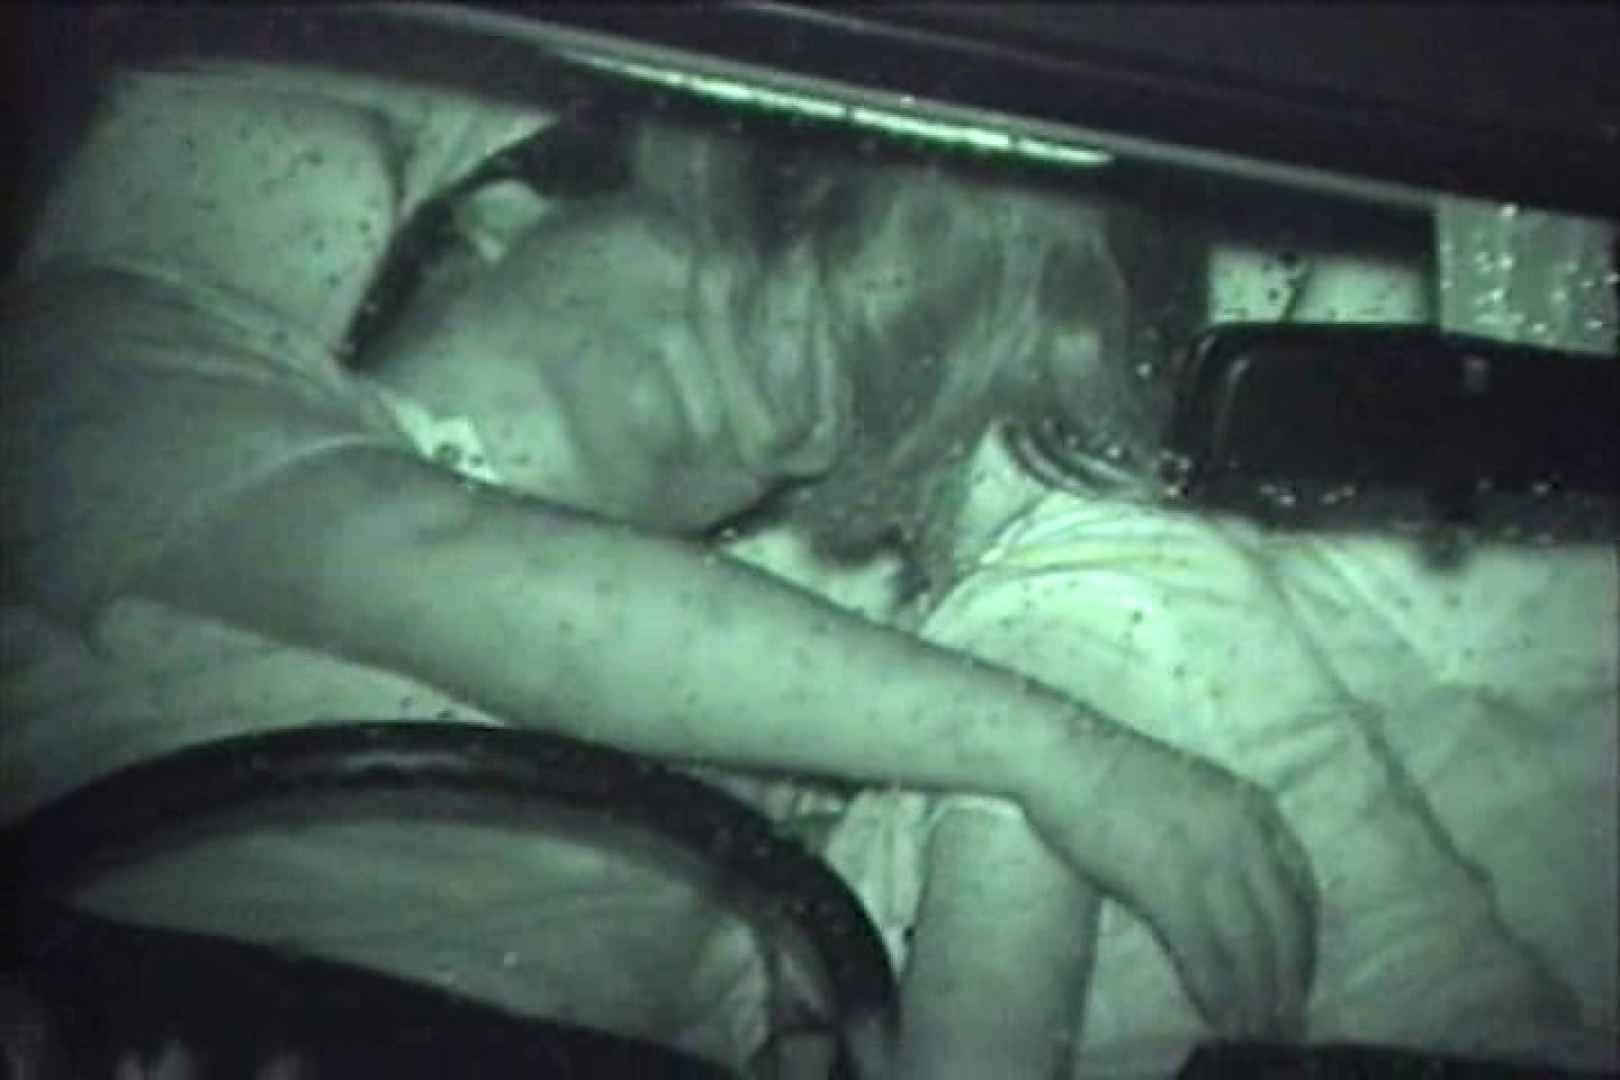 車の中はラブホテル 無修正版  Vol.17 車 AV無料 104連発 16